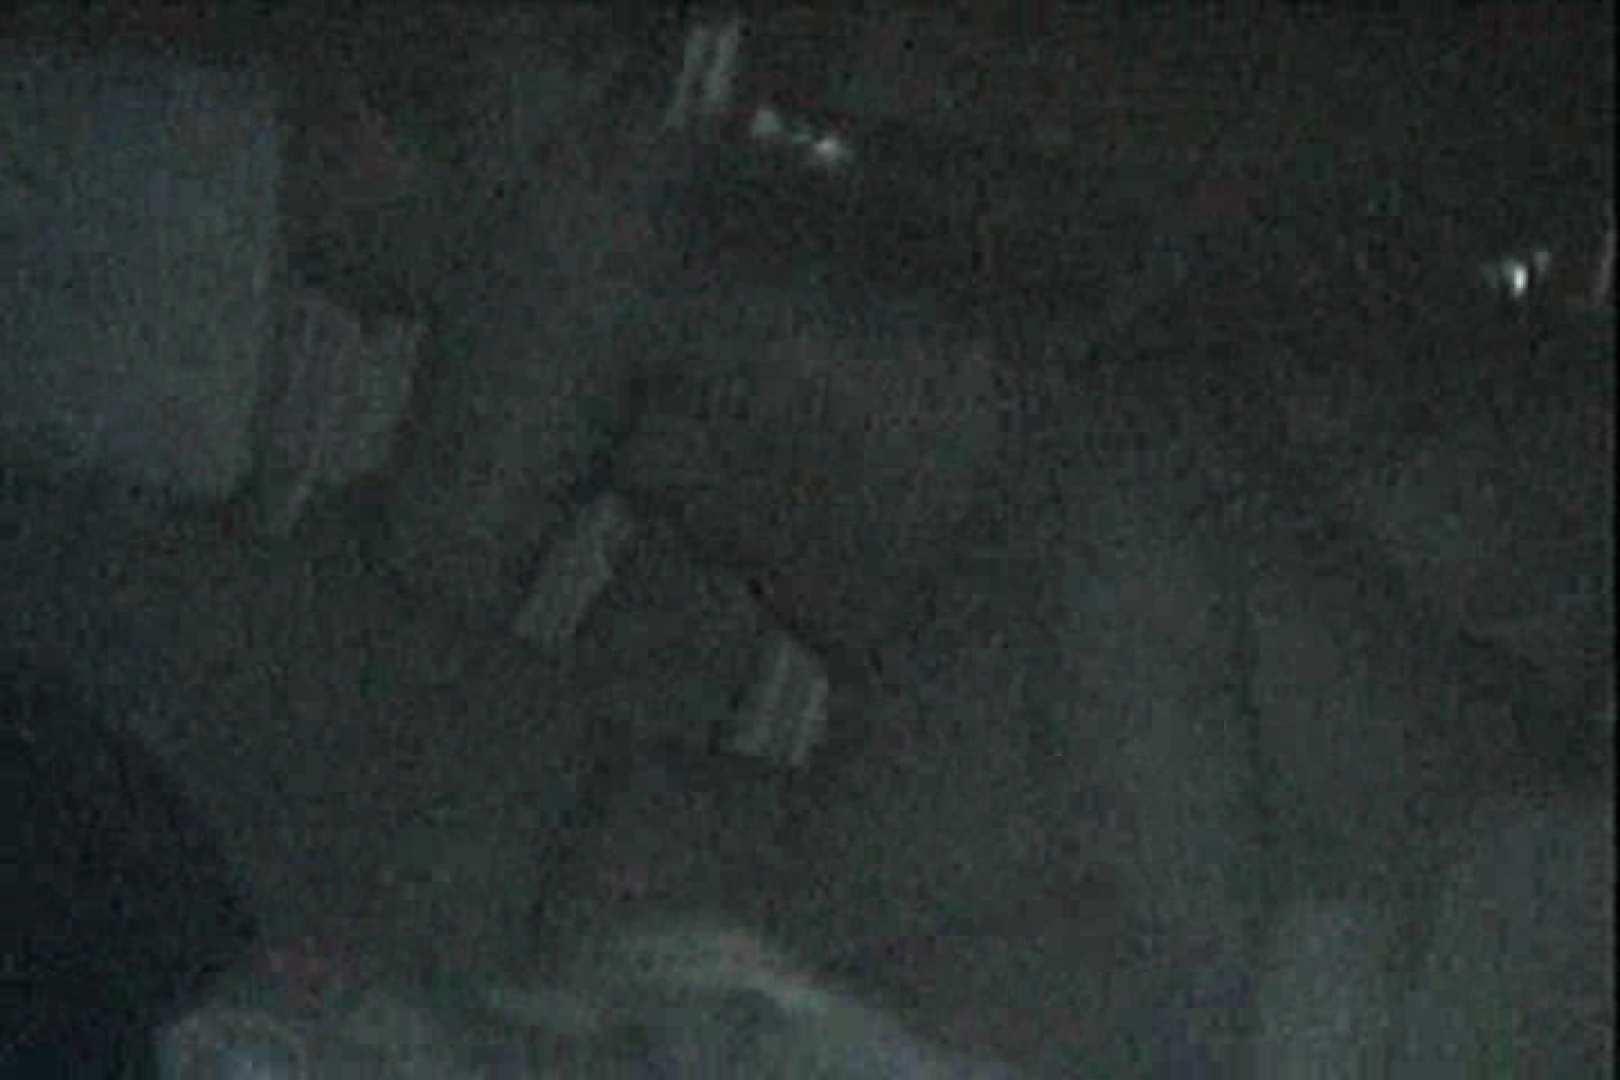 充血監督の深夜の運動会Vol.39 カップル   OLの実態  79pic 31